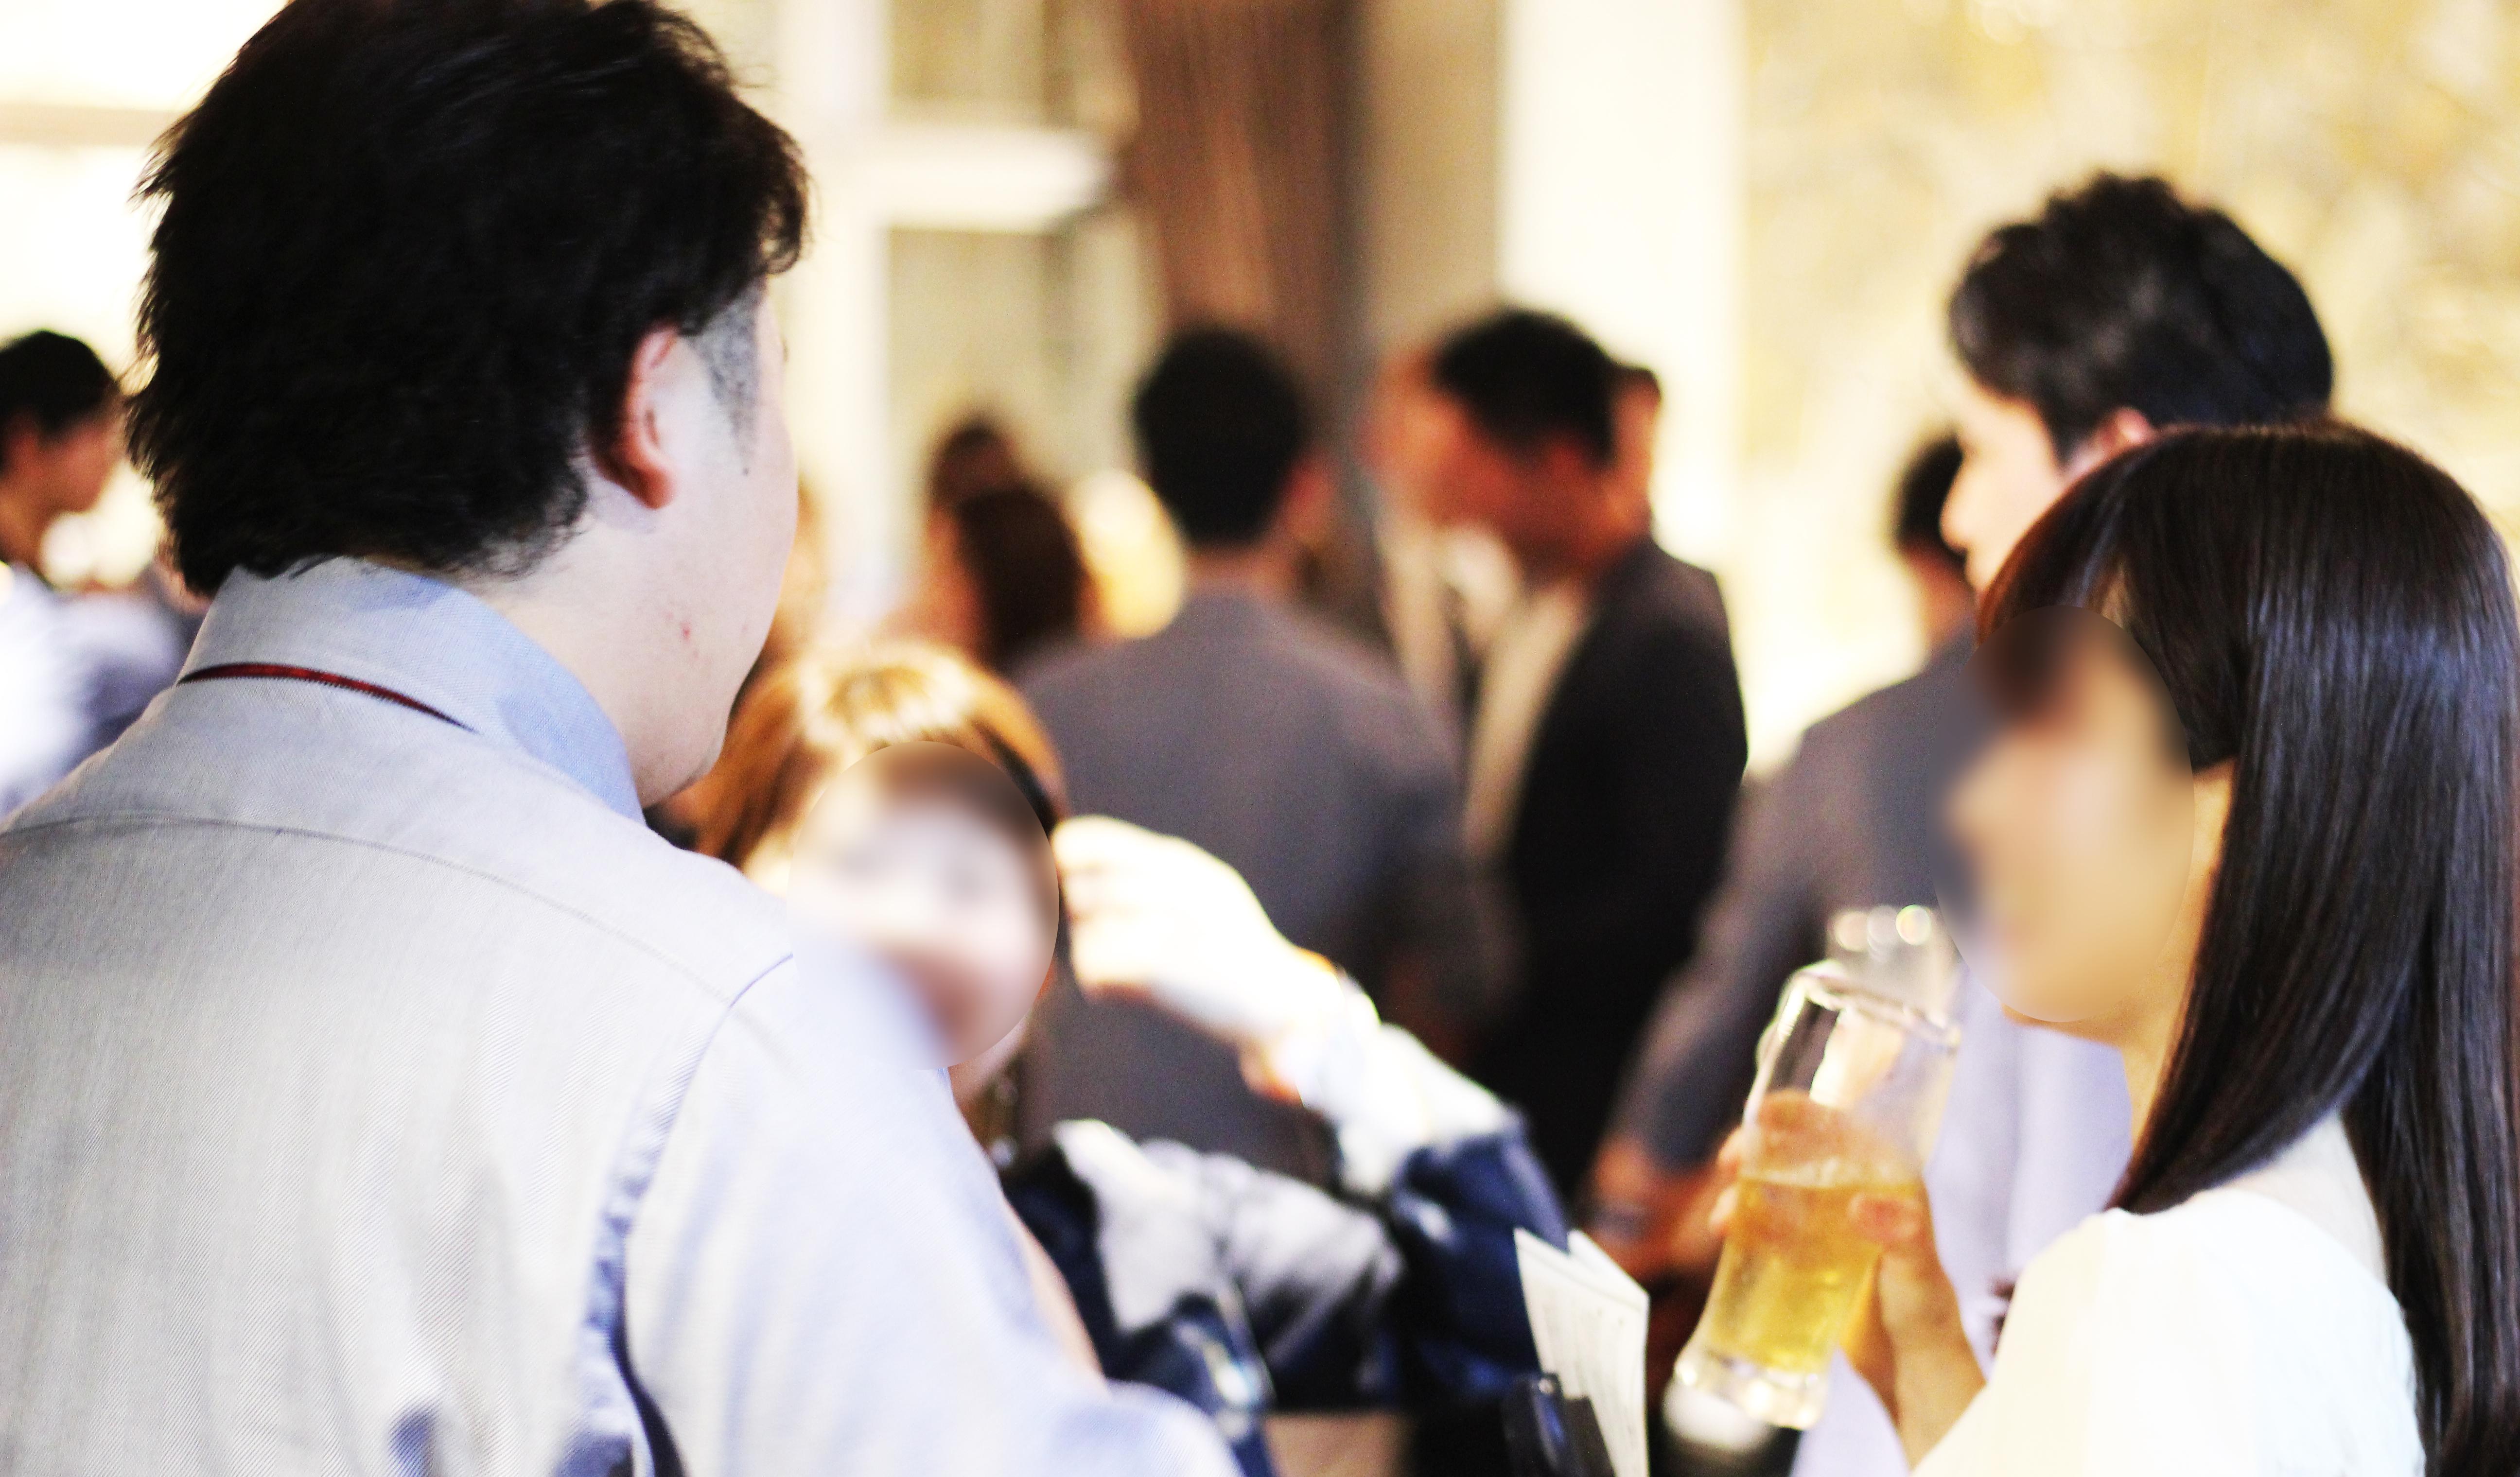 【京都】『HIKARI』にて婚活パーティー★ 1店舗型街コンで恋も気温もヒートアップ↑↑ サブ画像3